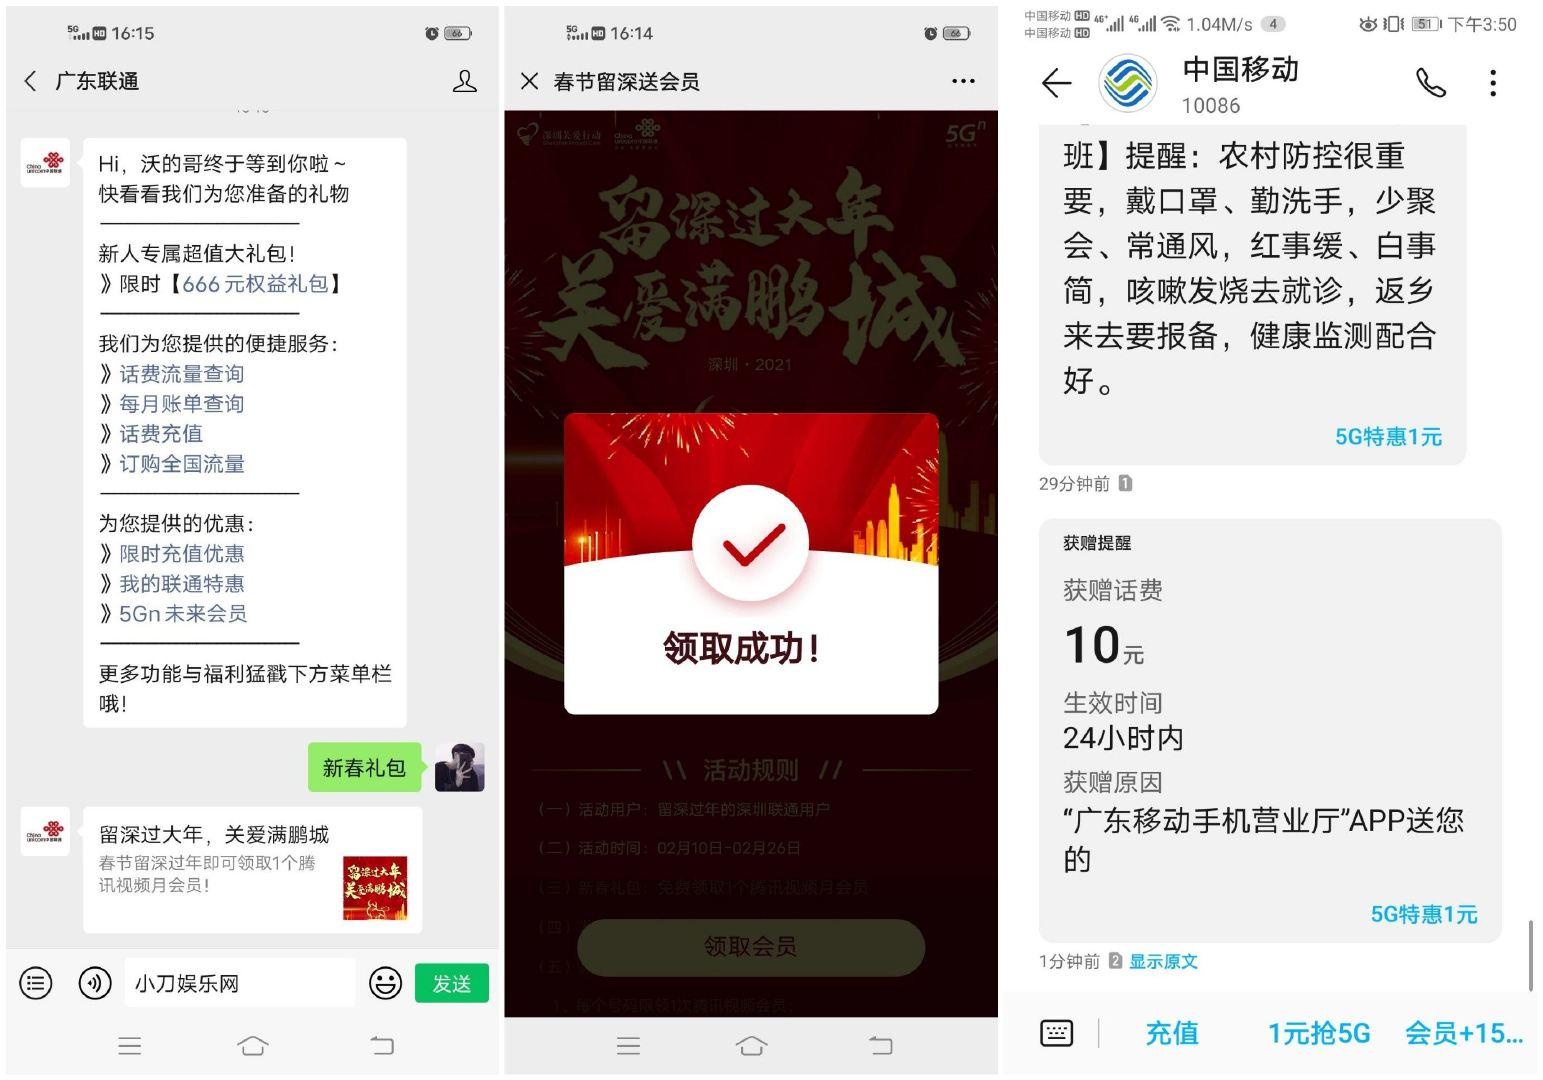 广东省三网用户领取流量话费插图1